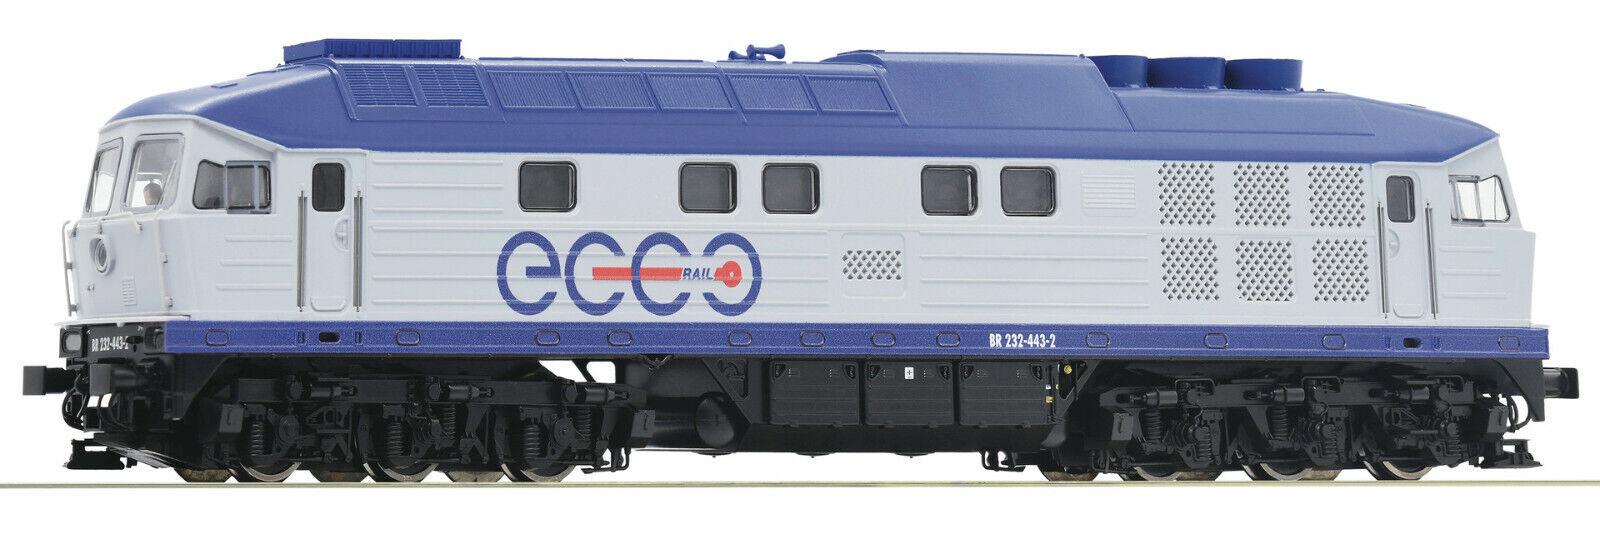 Roco 52467-diesel locomotora br 232, Ecco Rail, digital Henning Sound, novedad